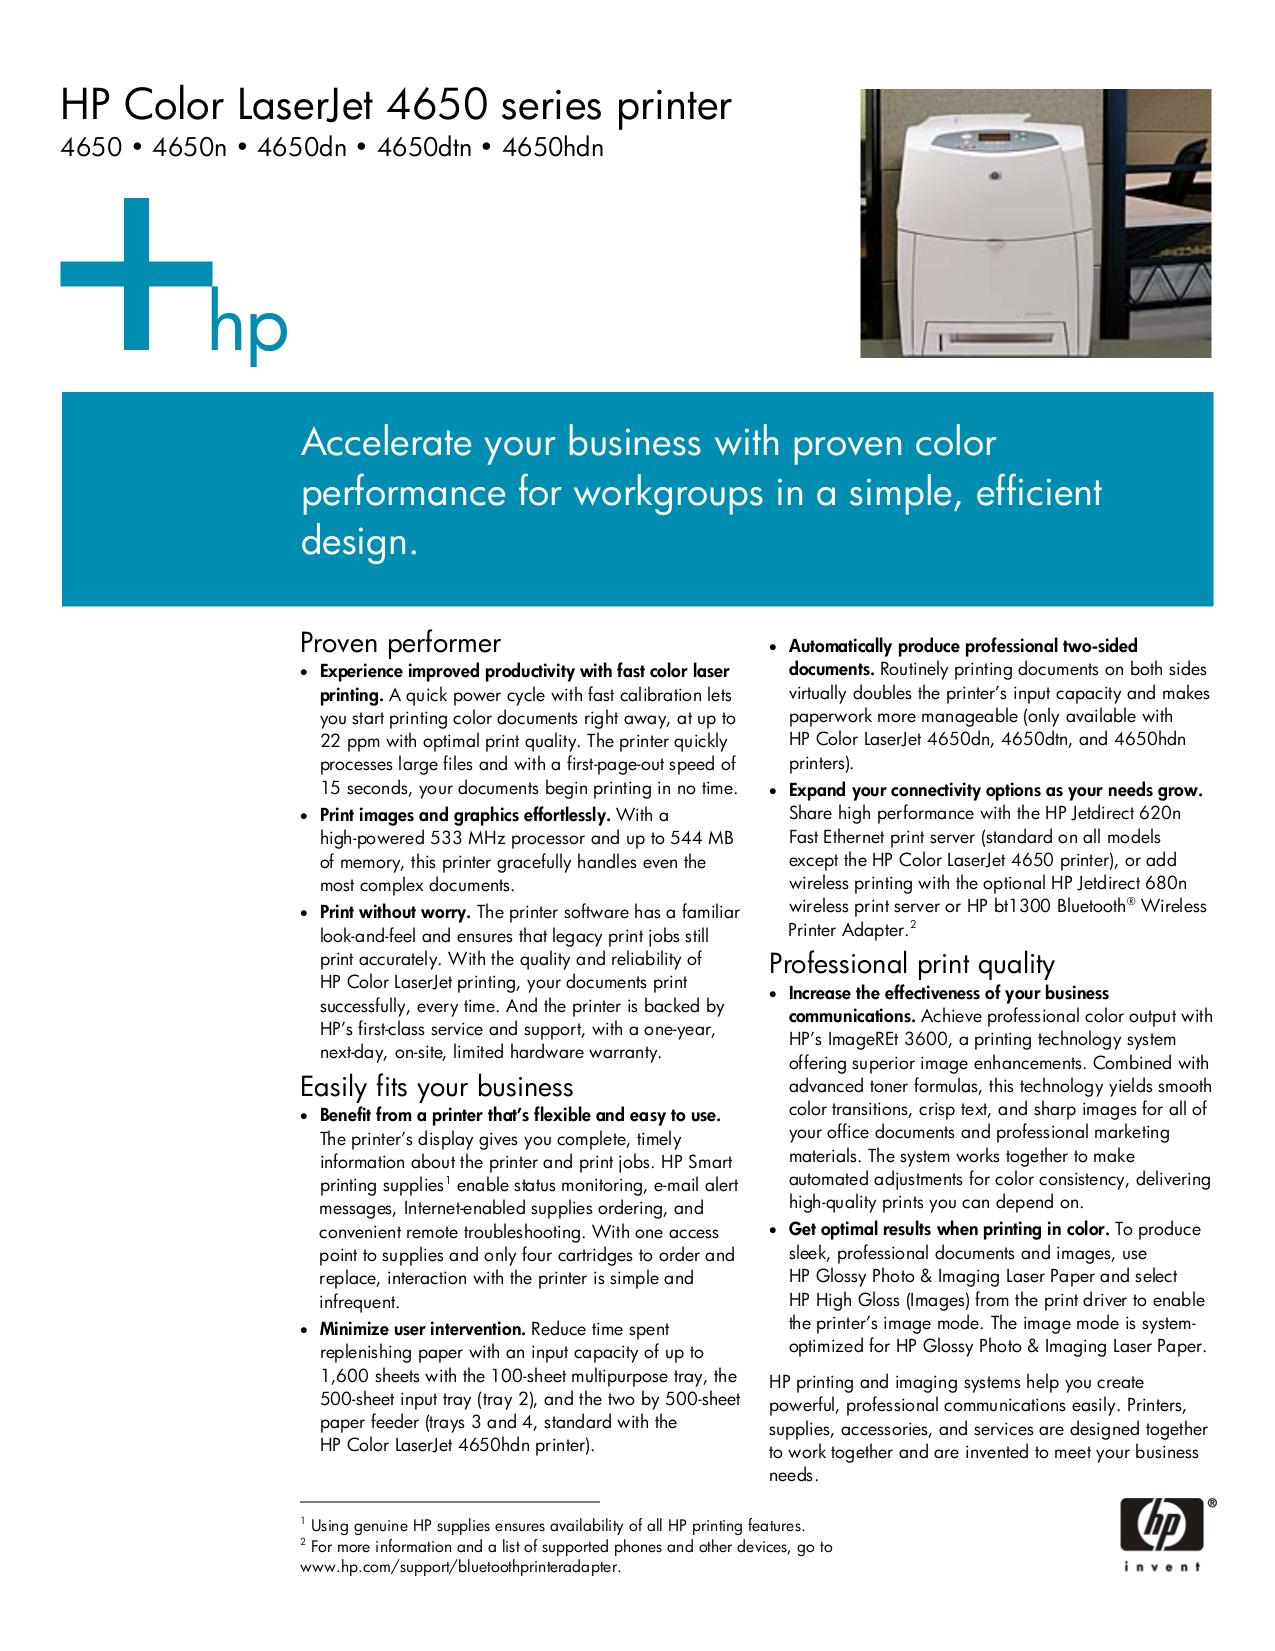 pdf for HP Printer Laserjet,Color Laserjet P1000 manual